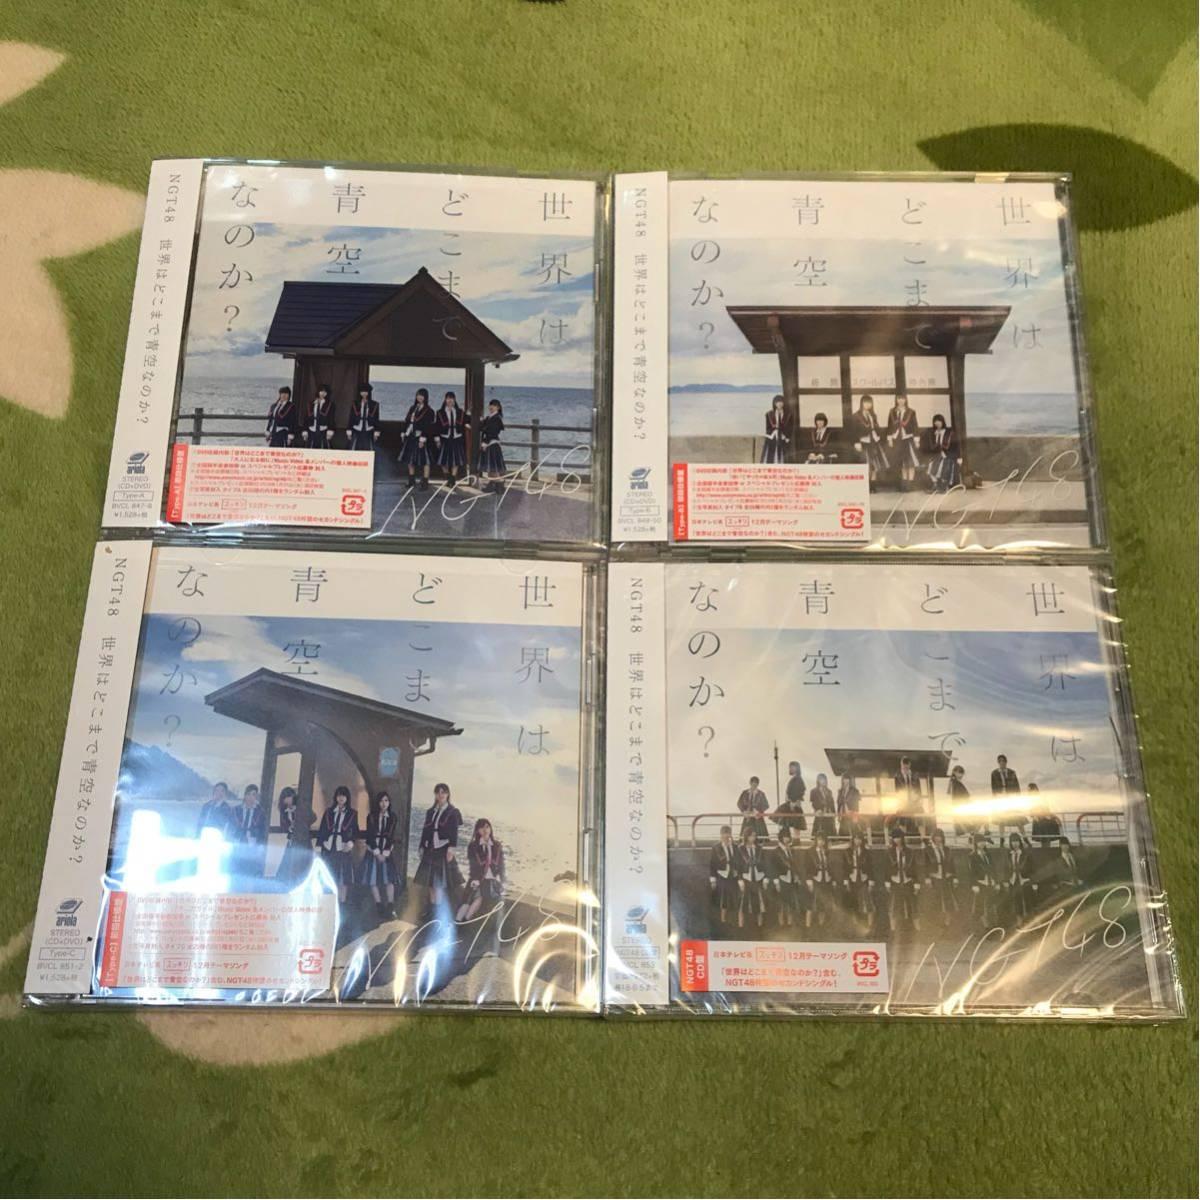 条件付き 送料無料 新品未再生 NGT48 世界はどこまで青空なのか CD+DVD 初回限定盤 type A,B,C CD盤 4枚セット 握手券 生写真 なし